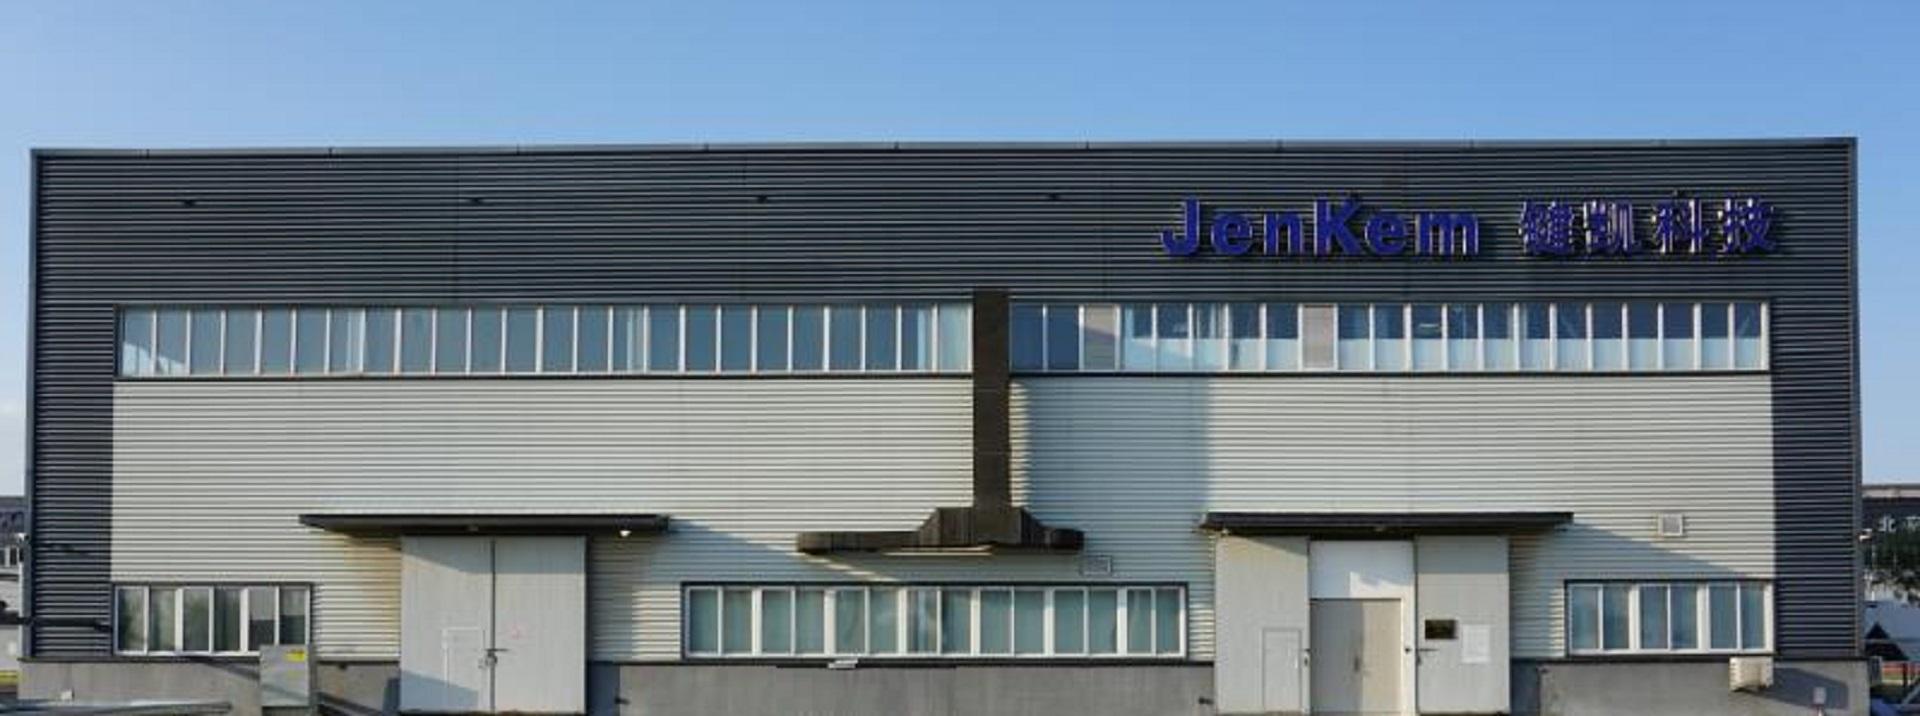 JenKem Panjin Raw PEG Manufacture Plant